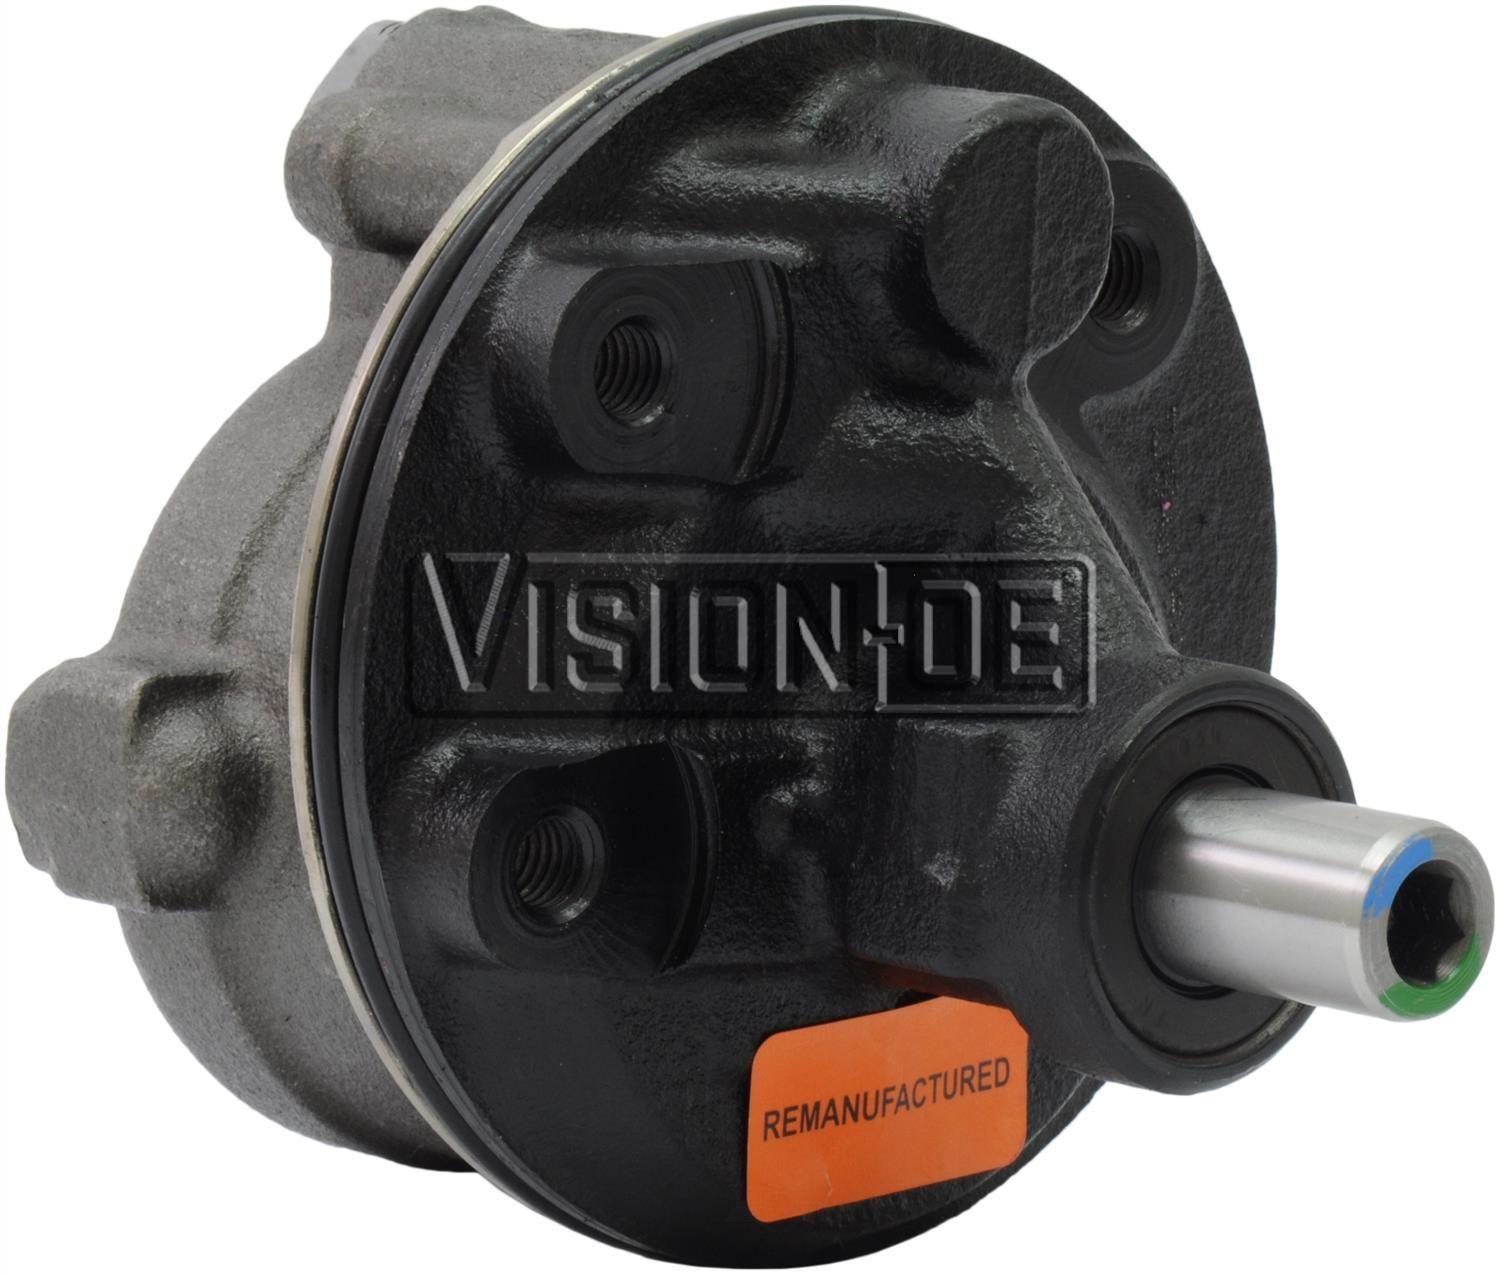 VISION-OE - Reman Power Steering Pump - VOE 731-0127